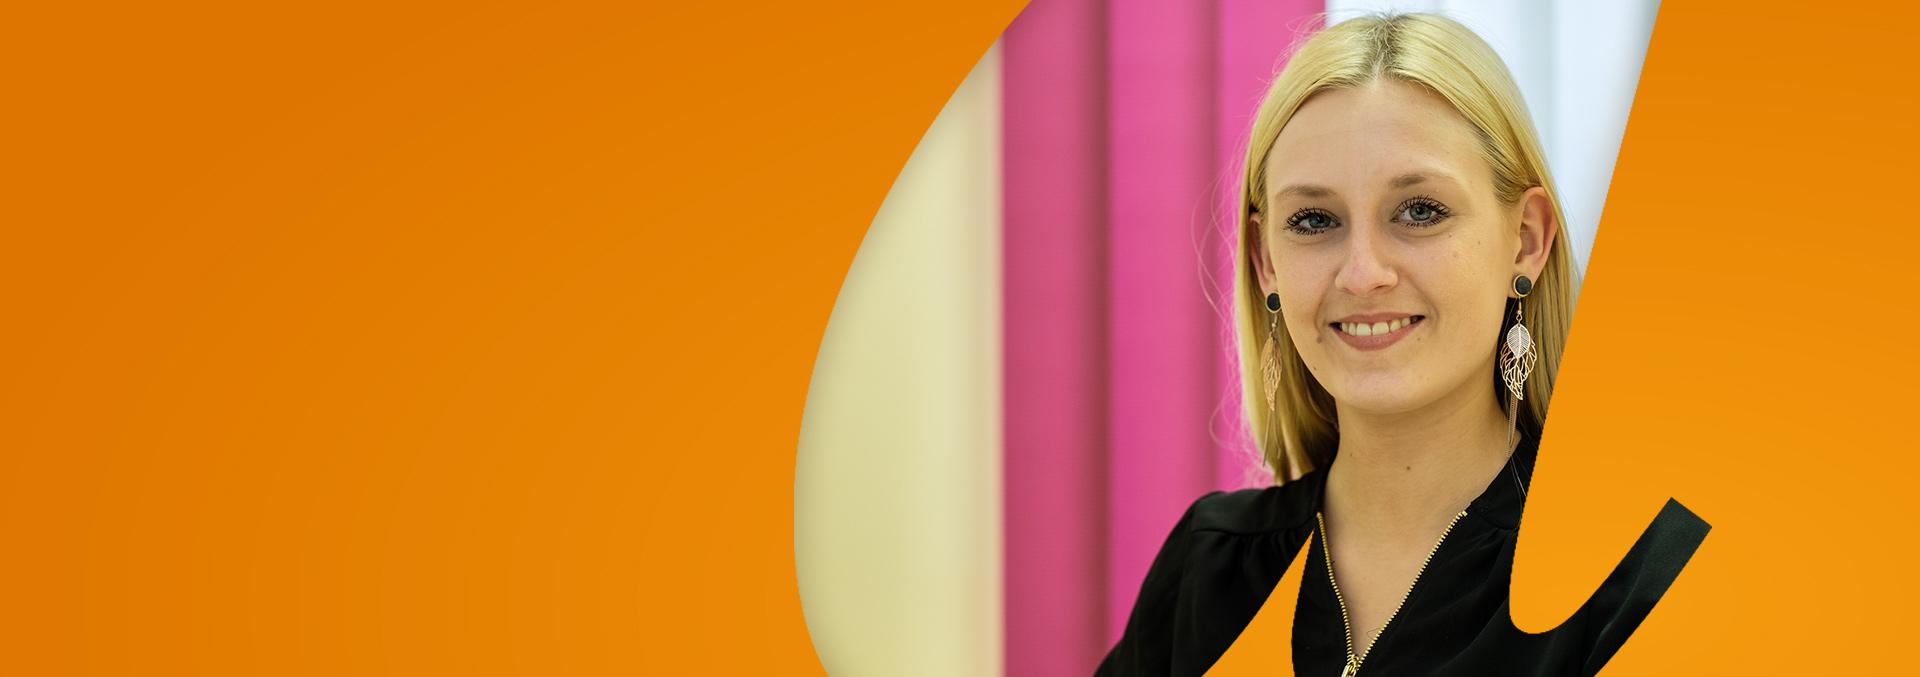 Ansprechpartner bei avendi: Eine blonde Dame mit Ohrringen und schwarzer Bluse lächelt in die Kamera